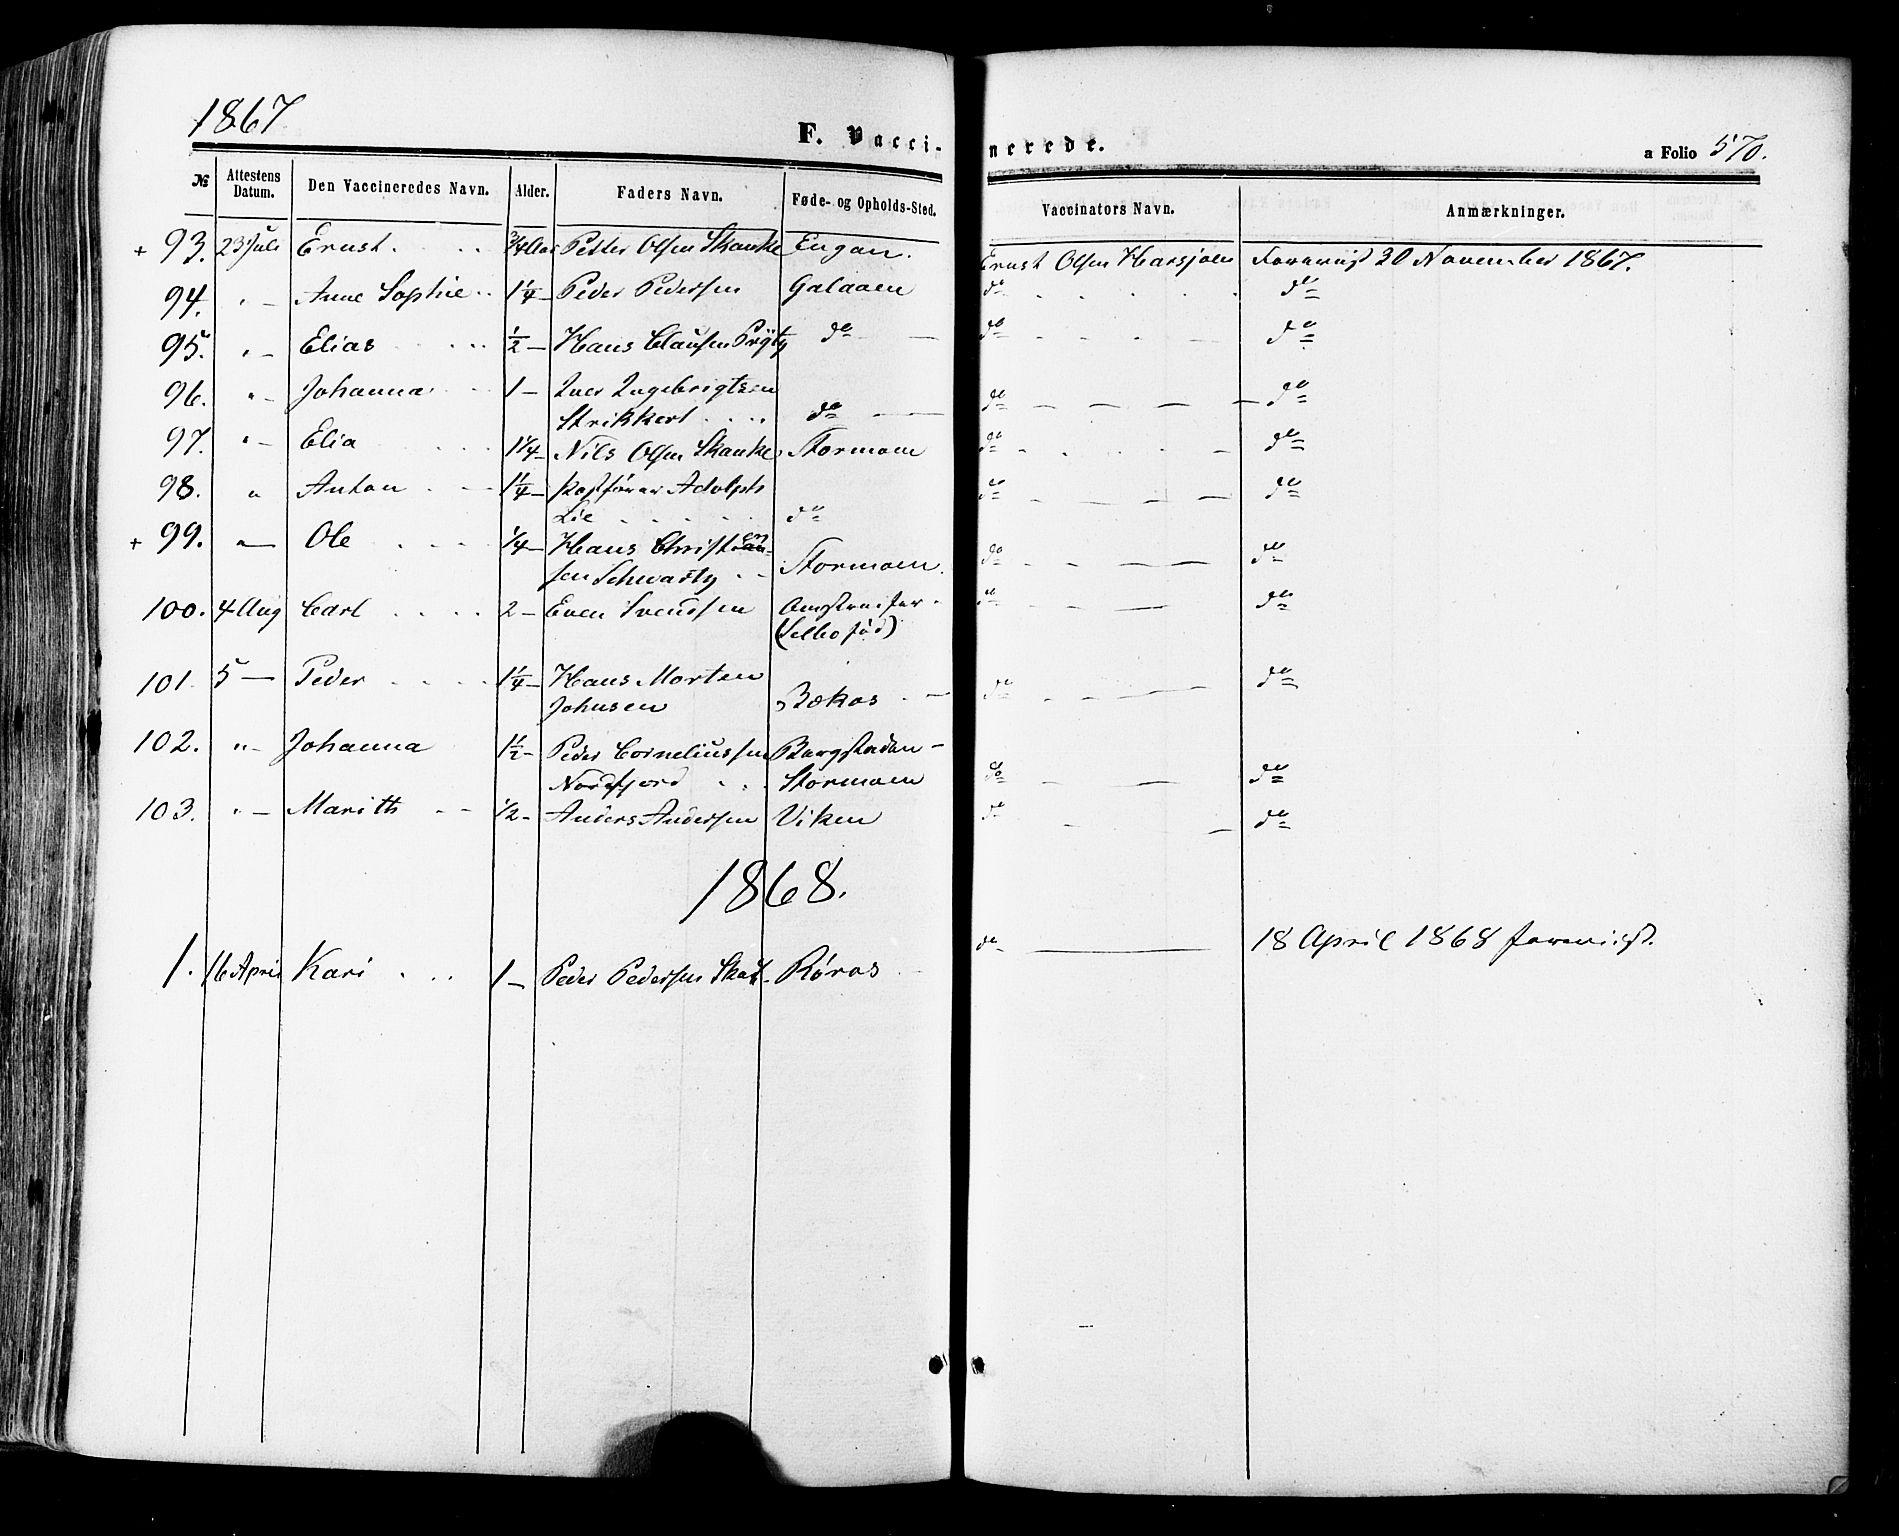 SAT, Ministerialprotokoller, klokkerbøker og fødselsregistre - Sør-Trøndelag, 681/L0932: Ministerialbok nr. 681A10, 1860-1878, s. 570